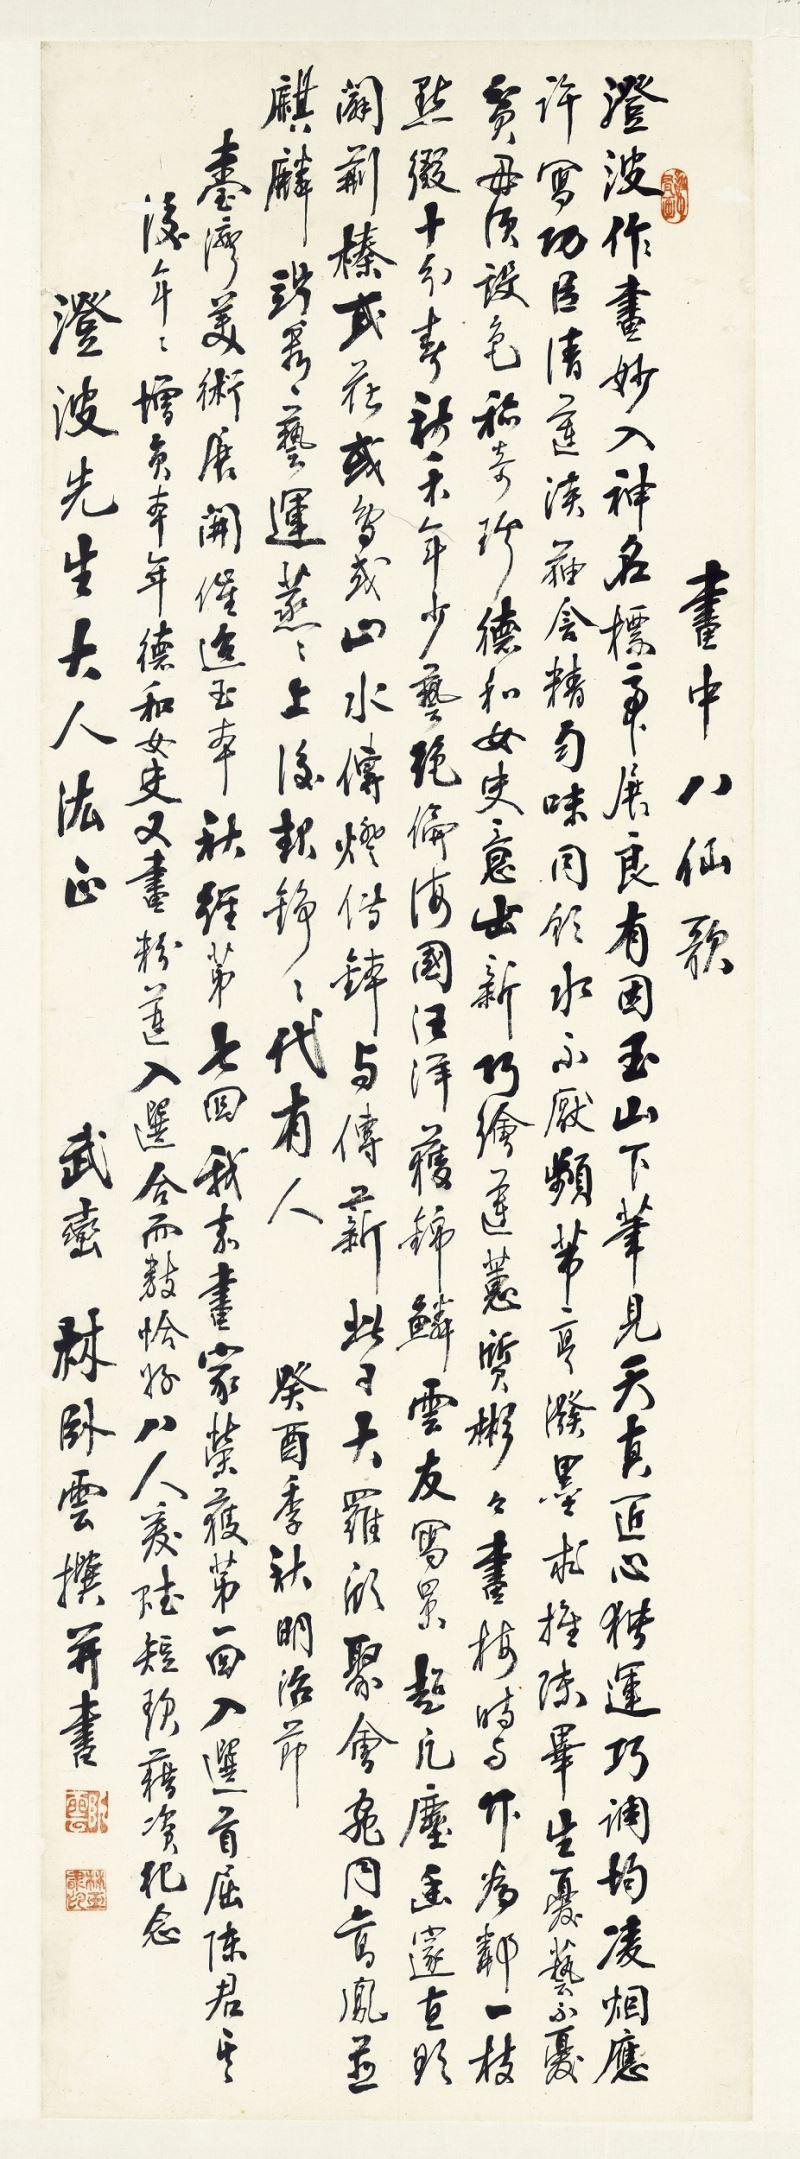 林玉書--畫中八仙詩 A Song for Eight Artists